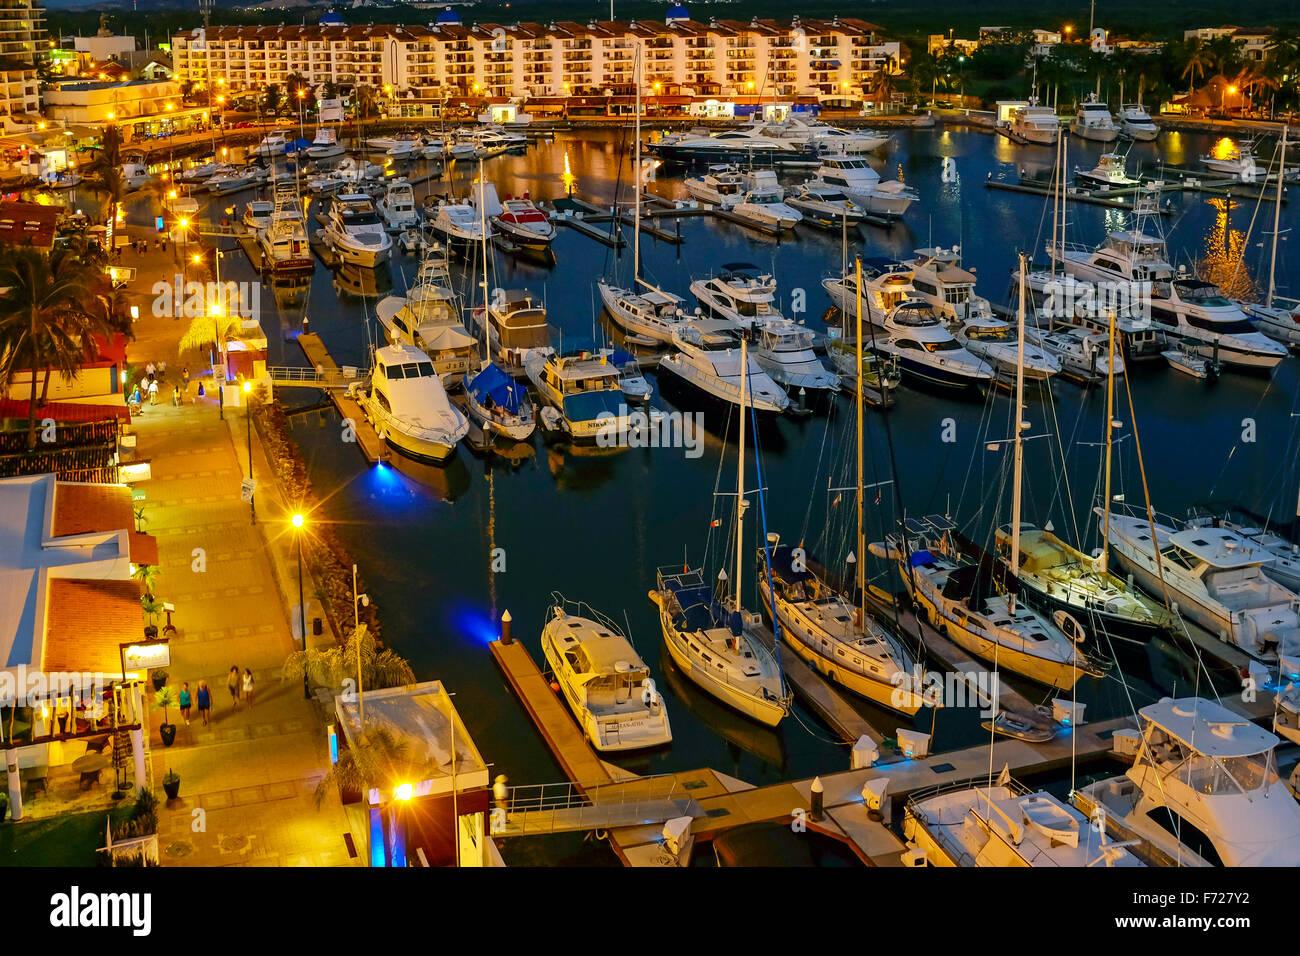 Evening at the marina at Vallarta Marina, Puerto Vallarta, Mexico - Stock Image